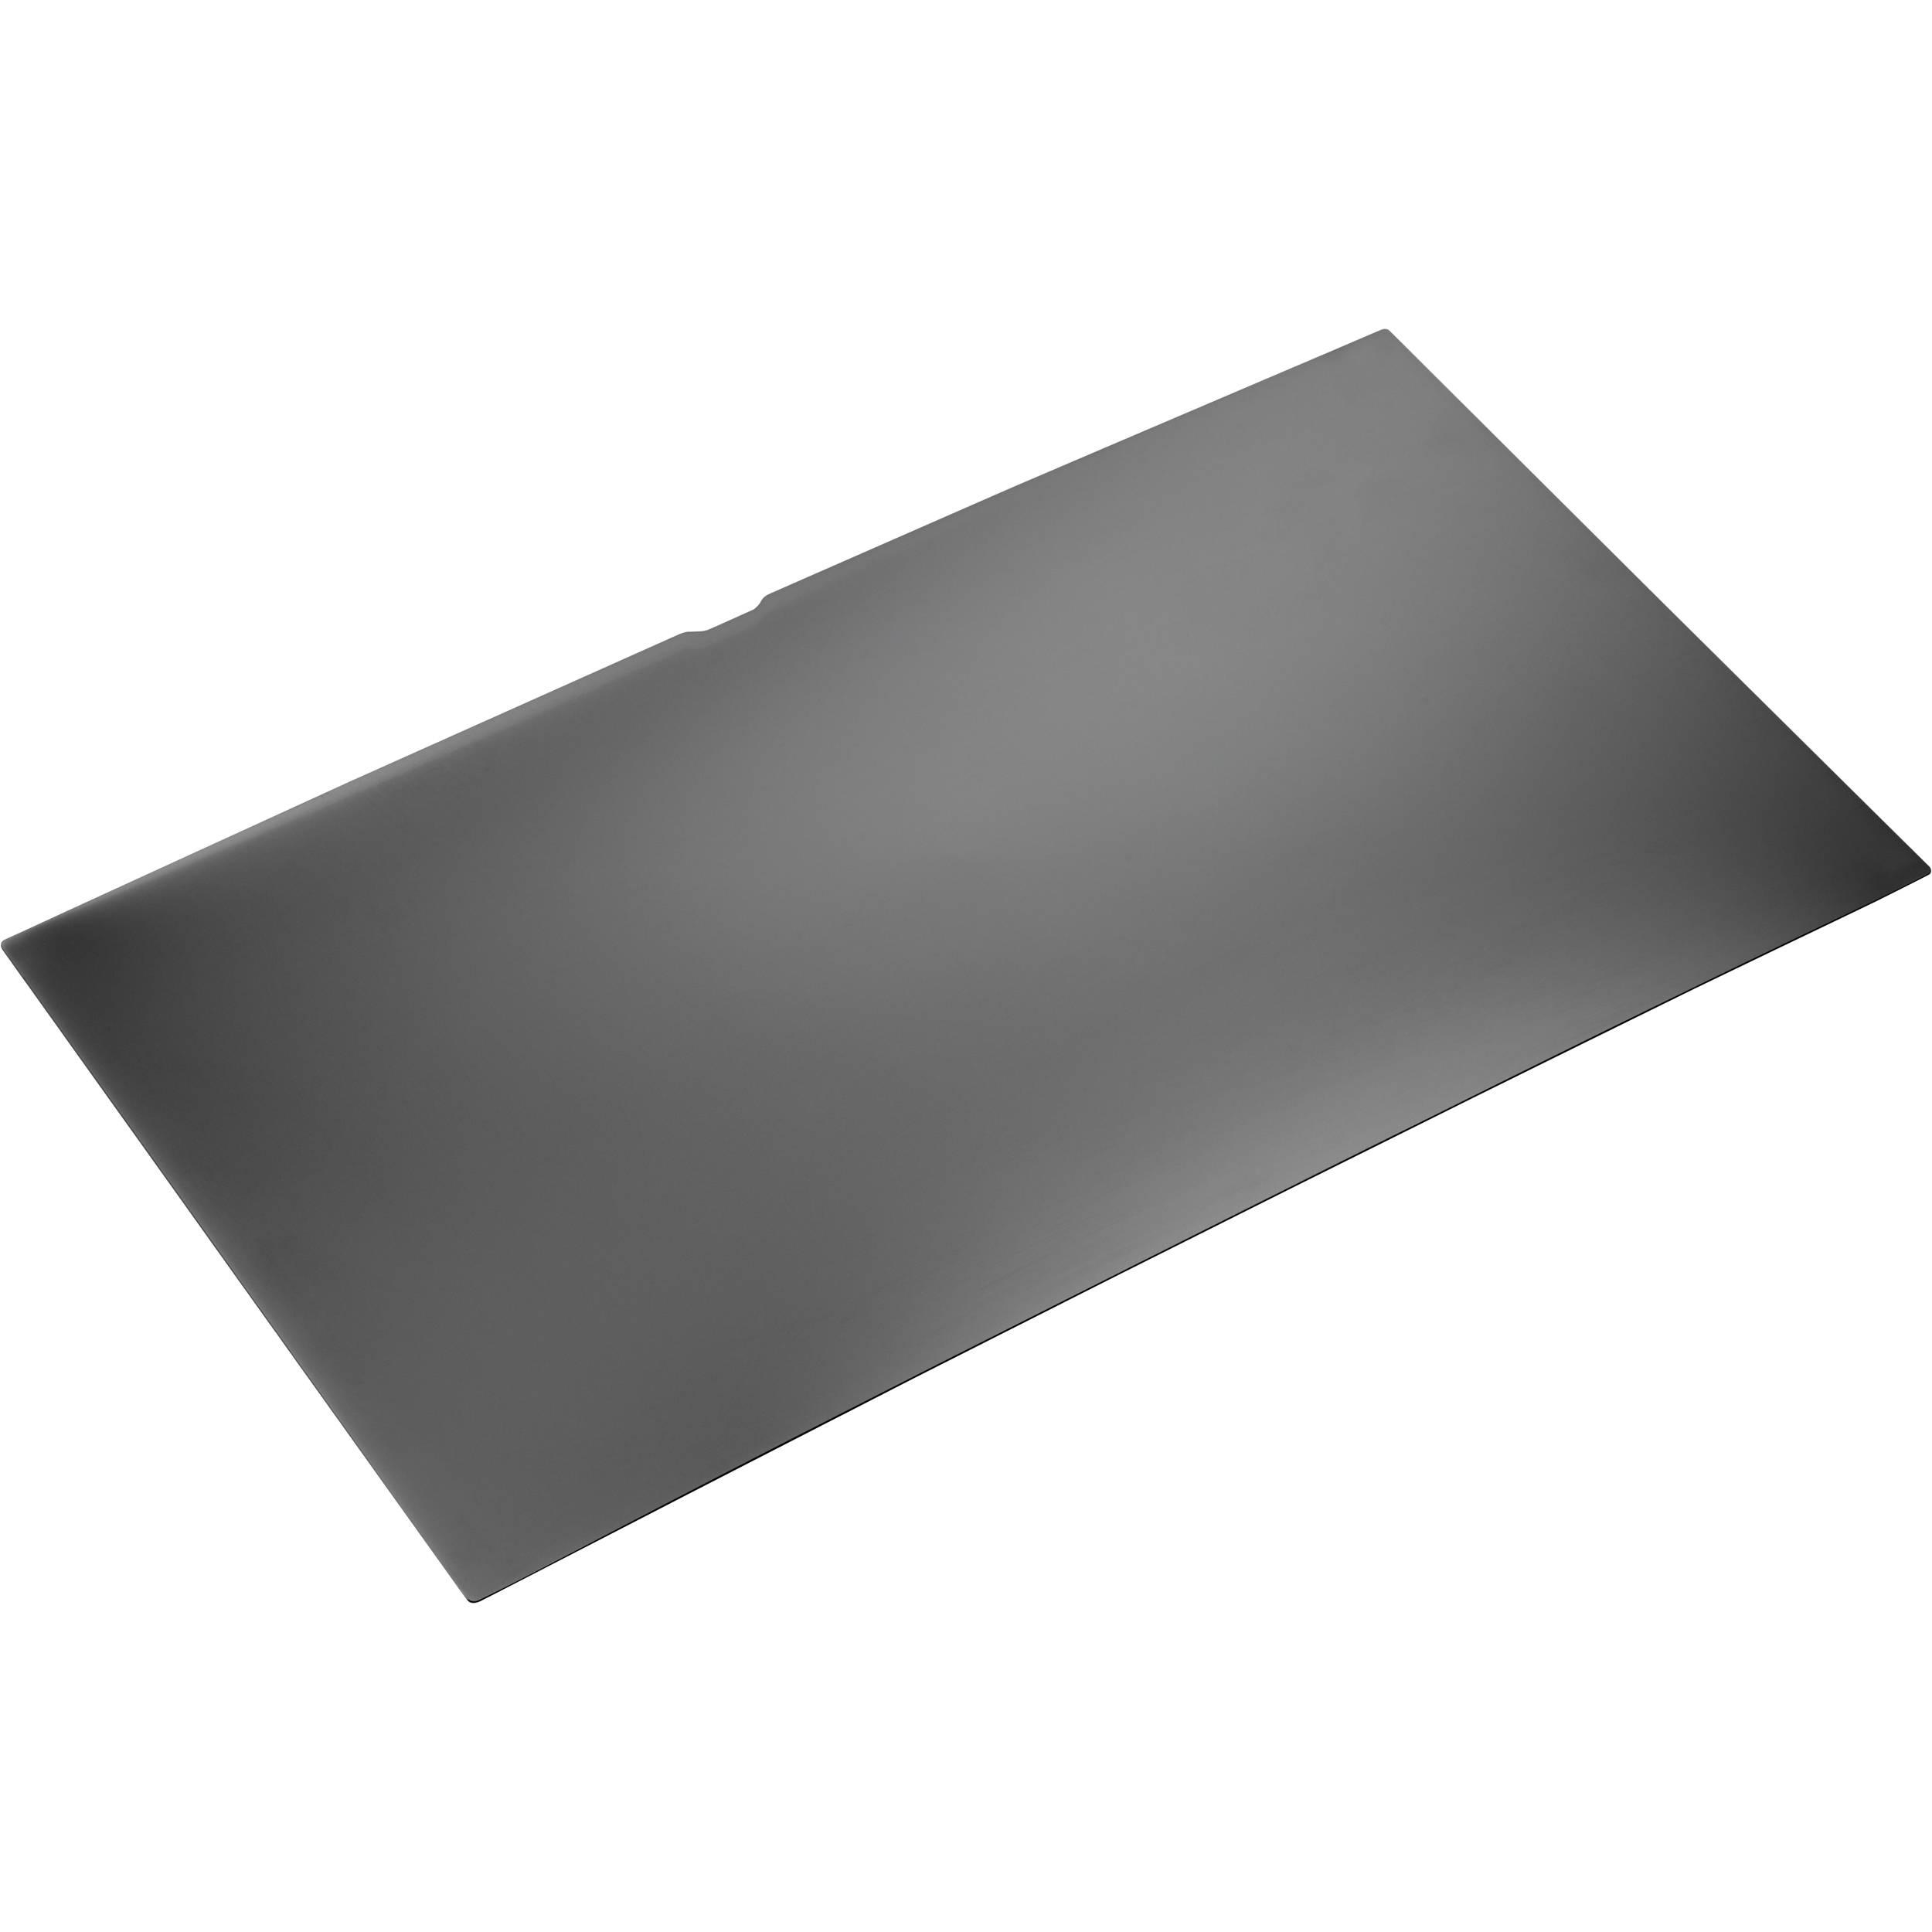 Lepeuxi Glissi/ère de m/édiators r/églables de diaphragme en acier inoxydable pour Banjo Ukulele Silver Pack of 3PCS